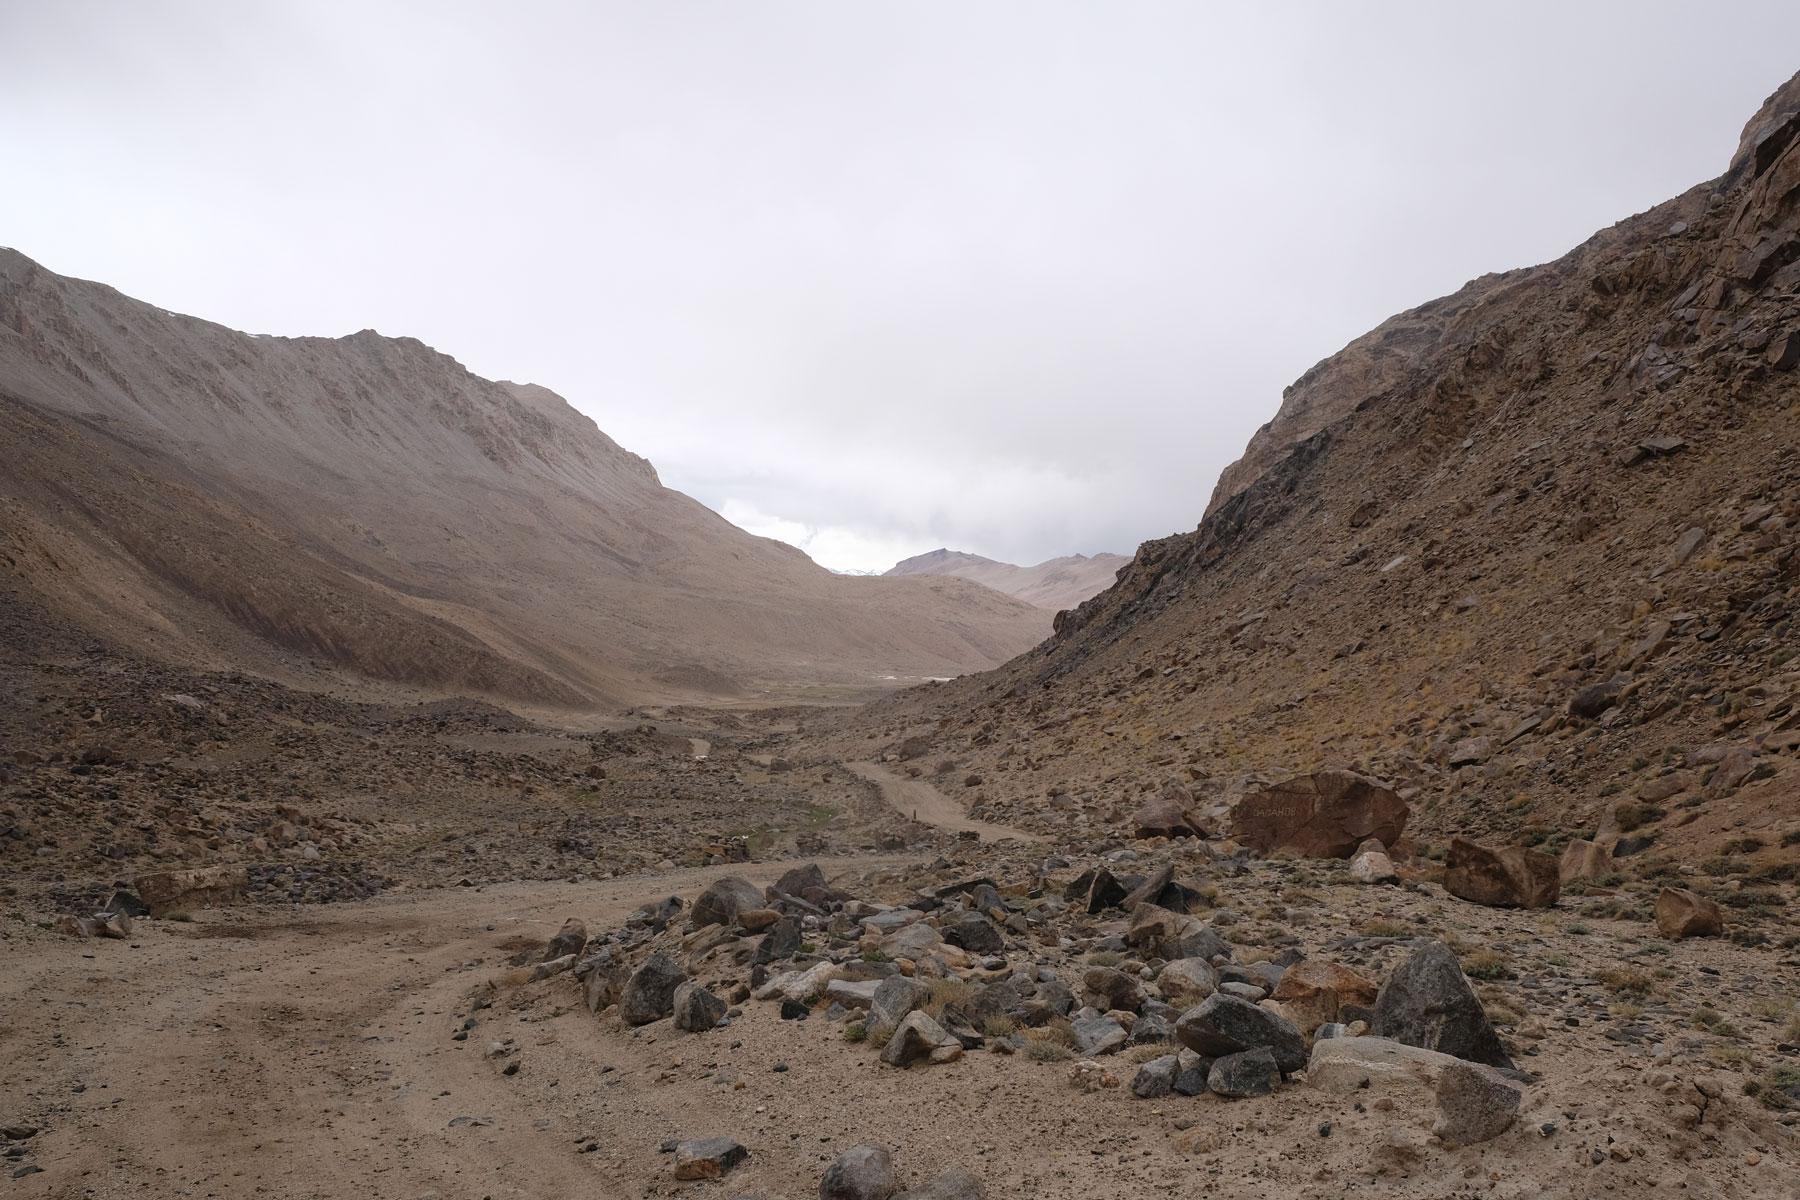 Die Abfahrt ins Tal gleicht einer Marslandschaft - eine kleine Herausforderung für den sehr zuverlässigen Toyota